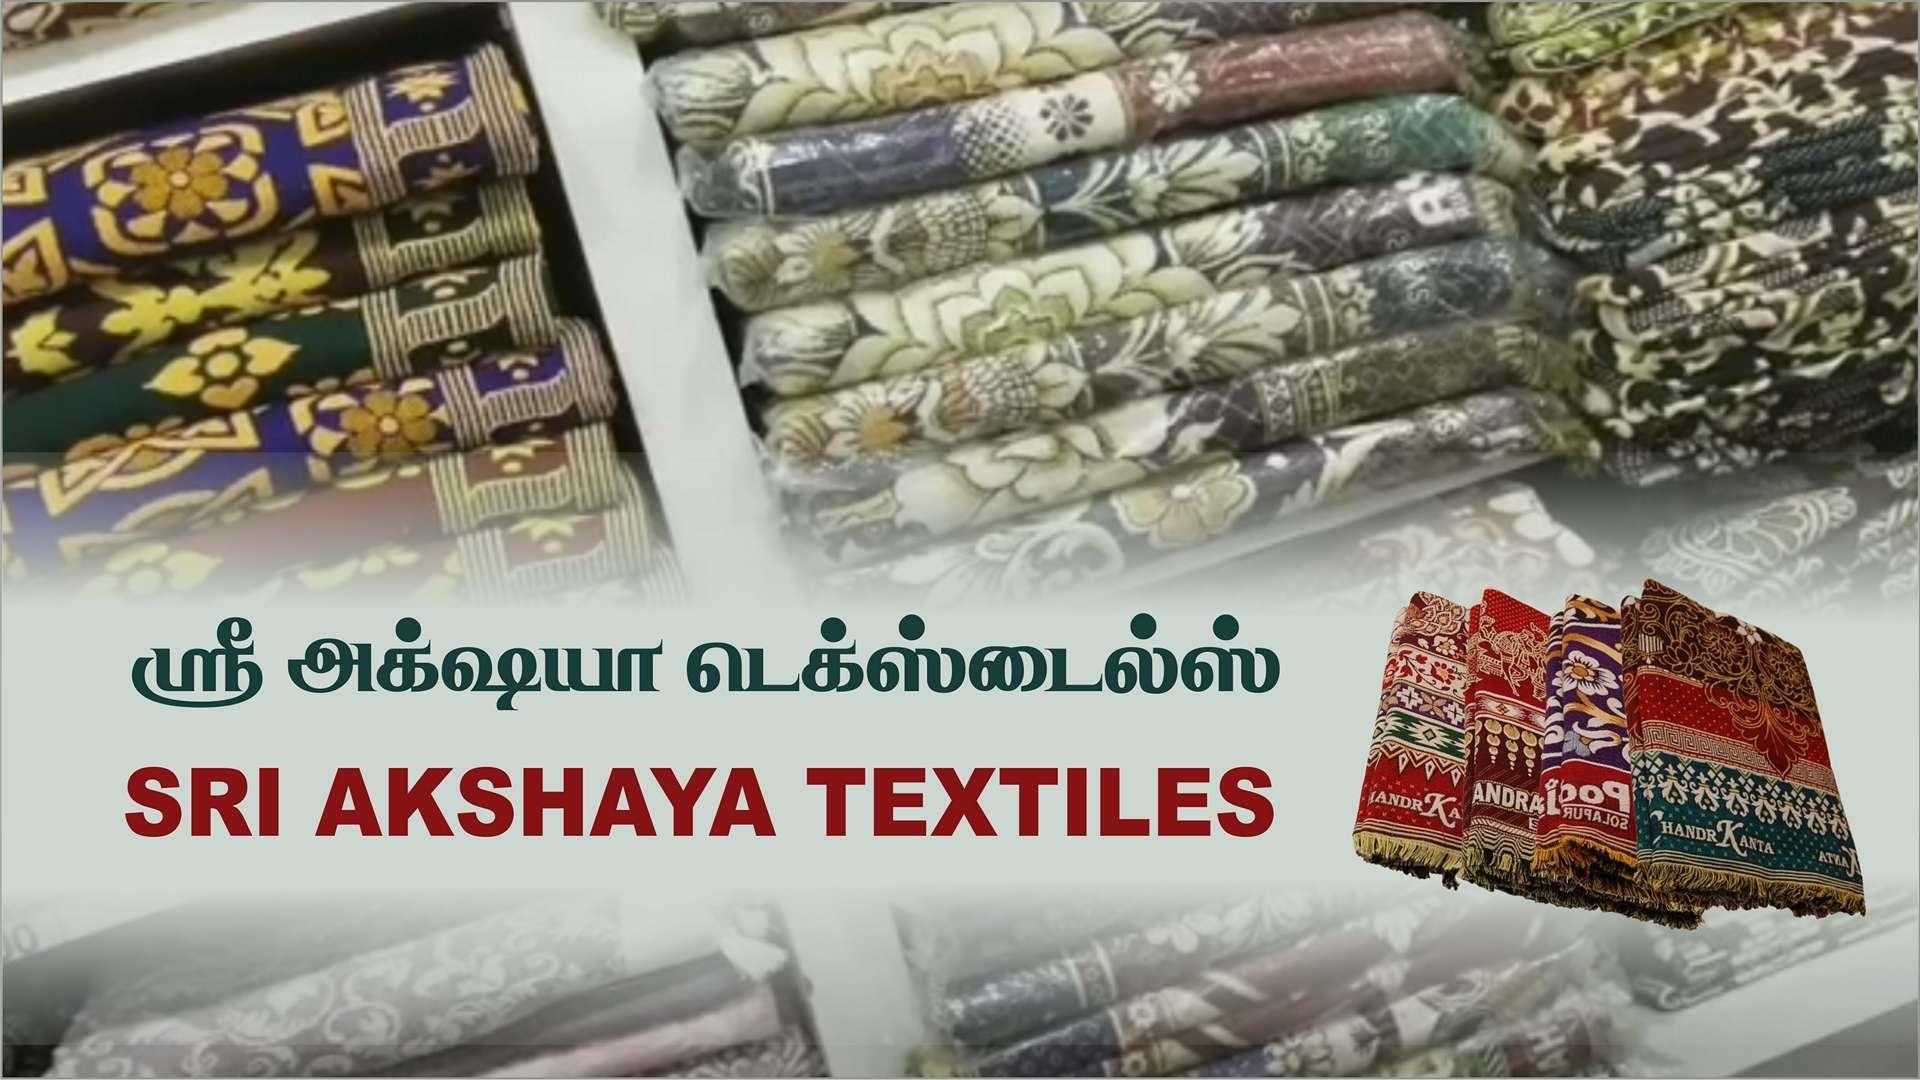 Sri Akshaya Textiles